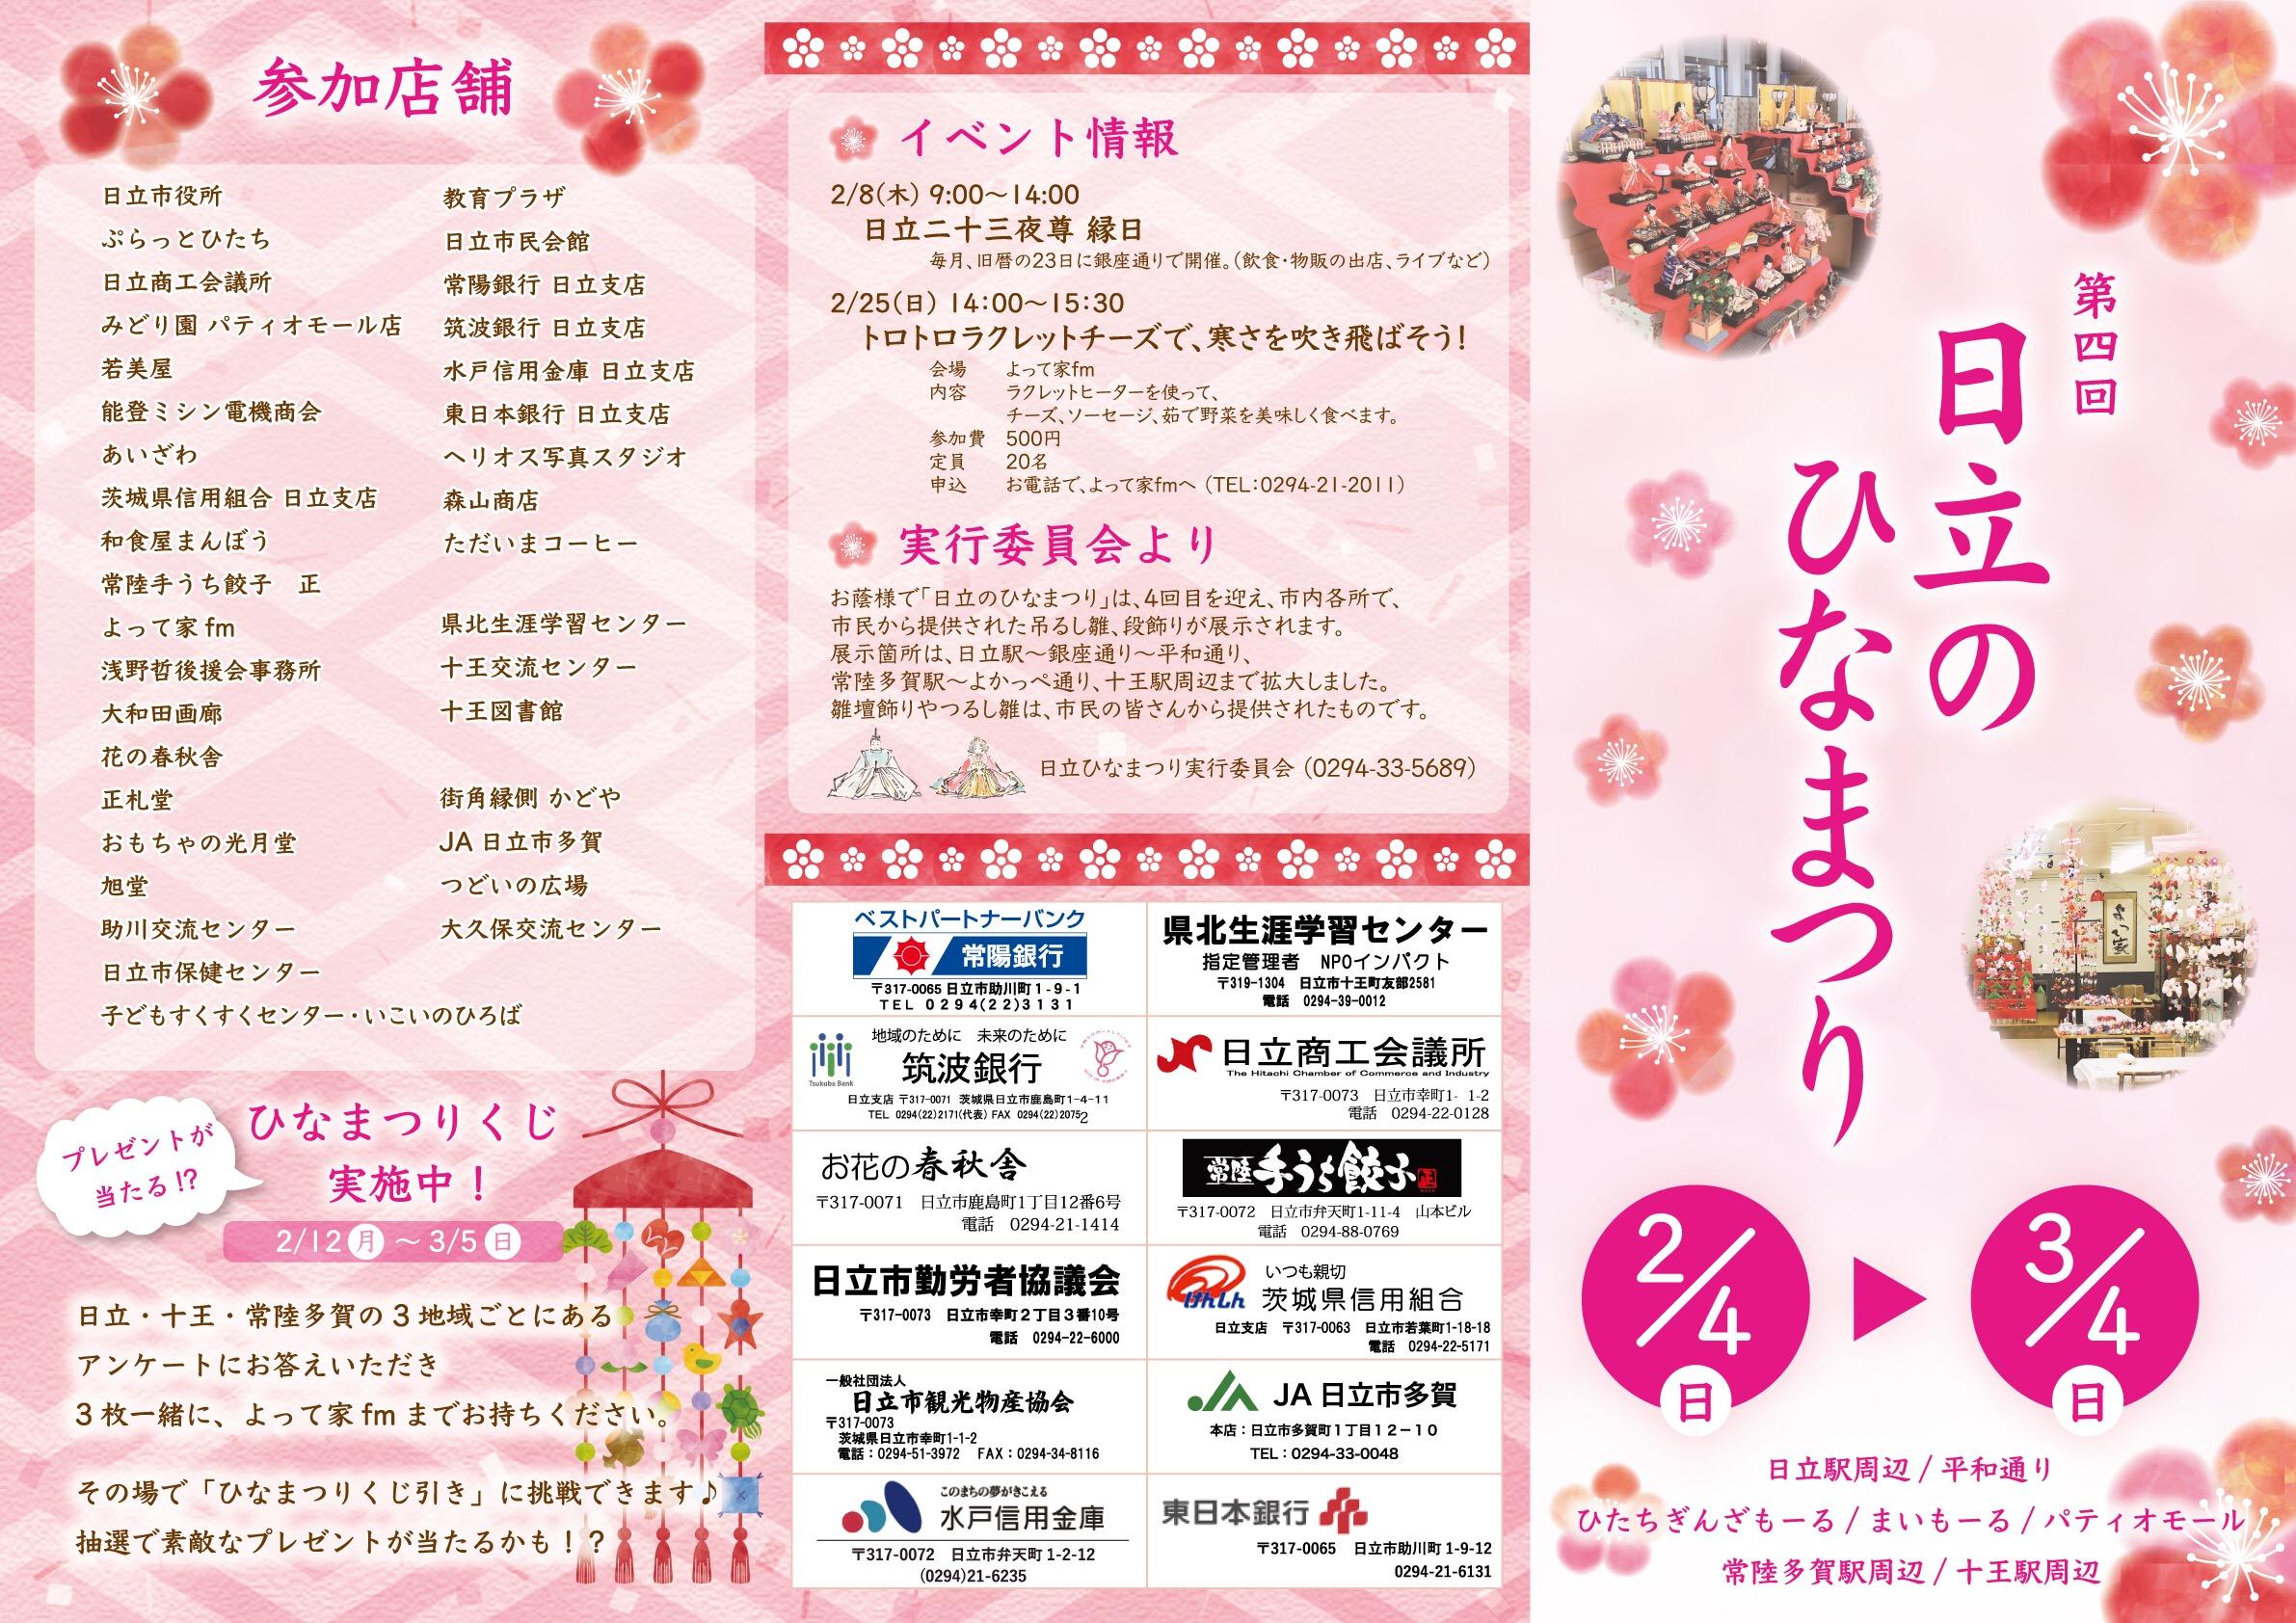 04-hitachi-hinamatsuri-01